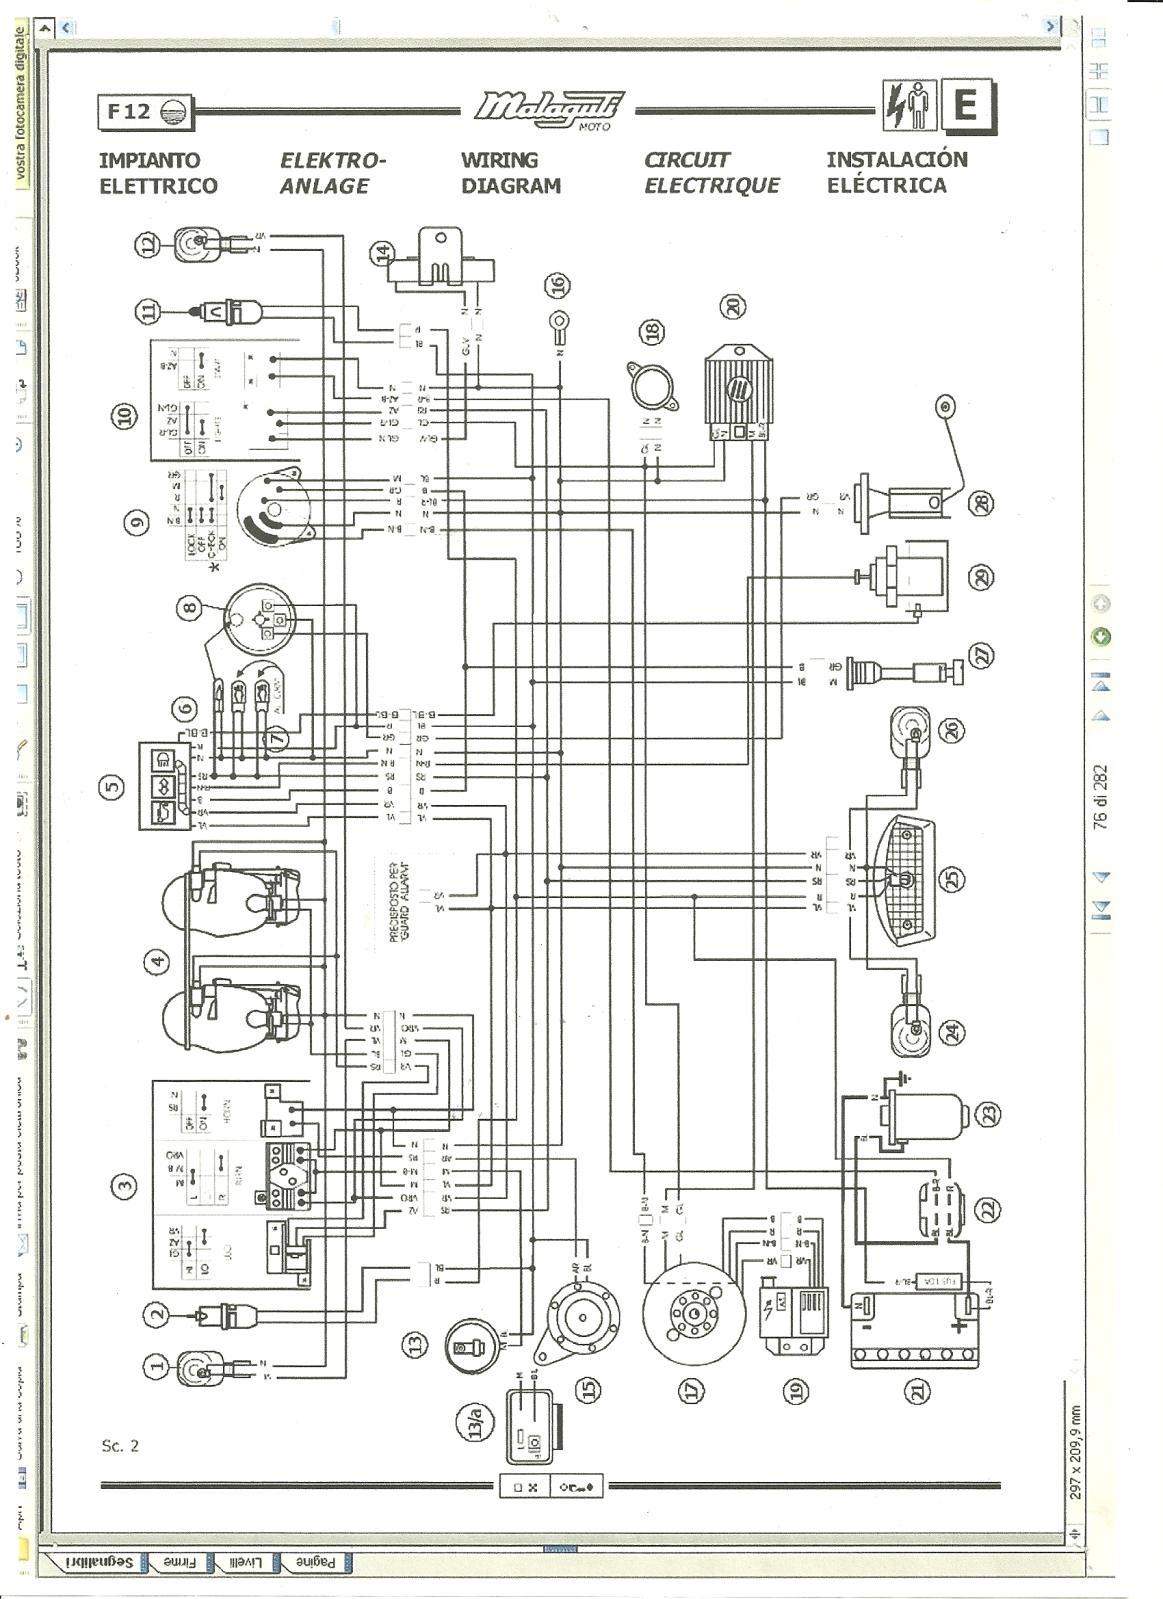 Schema Elettrico Phantom Liquido